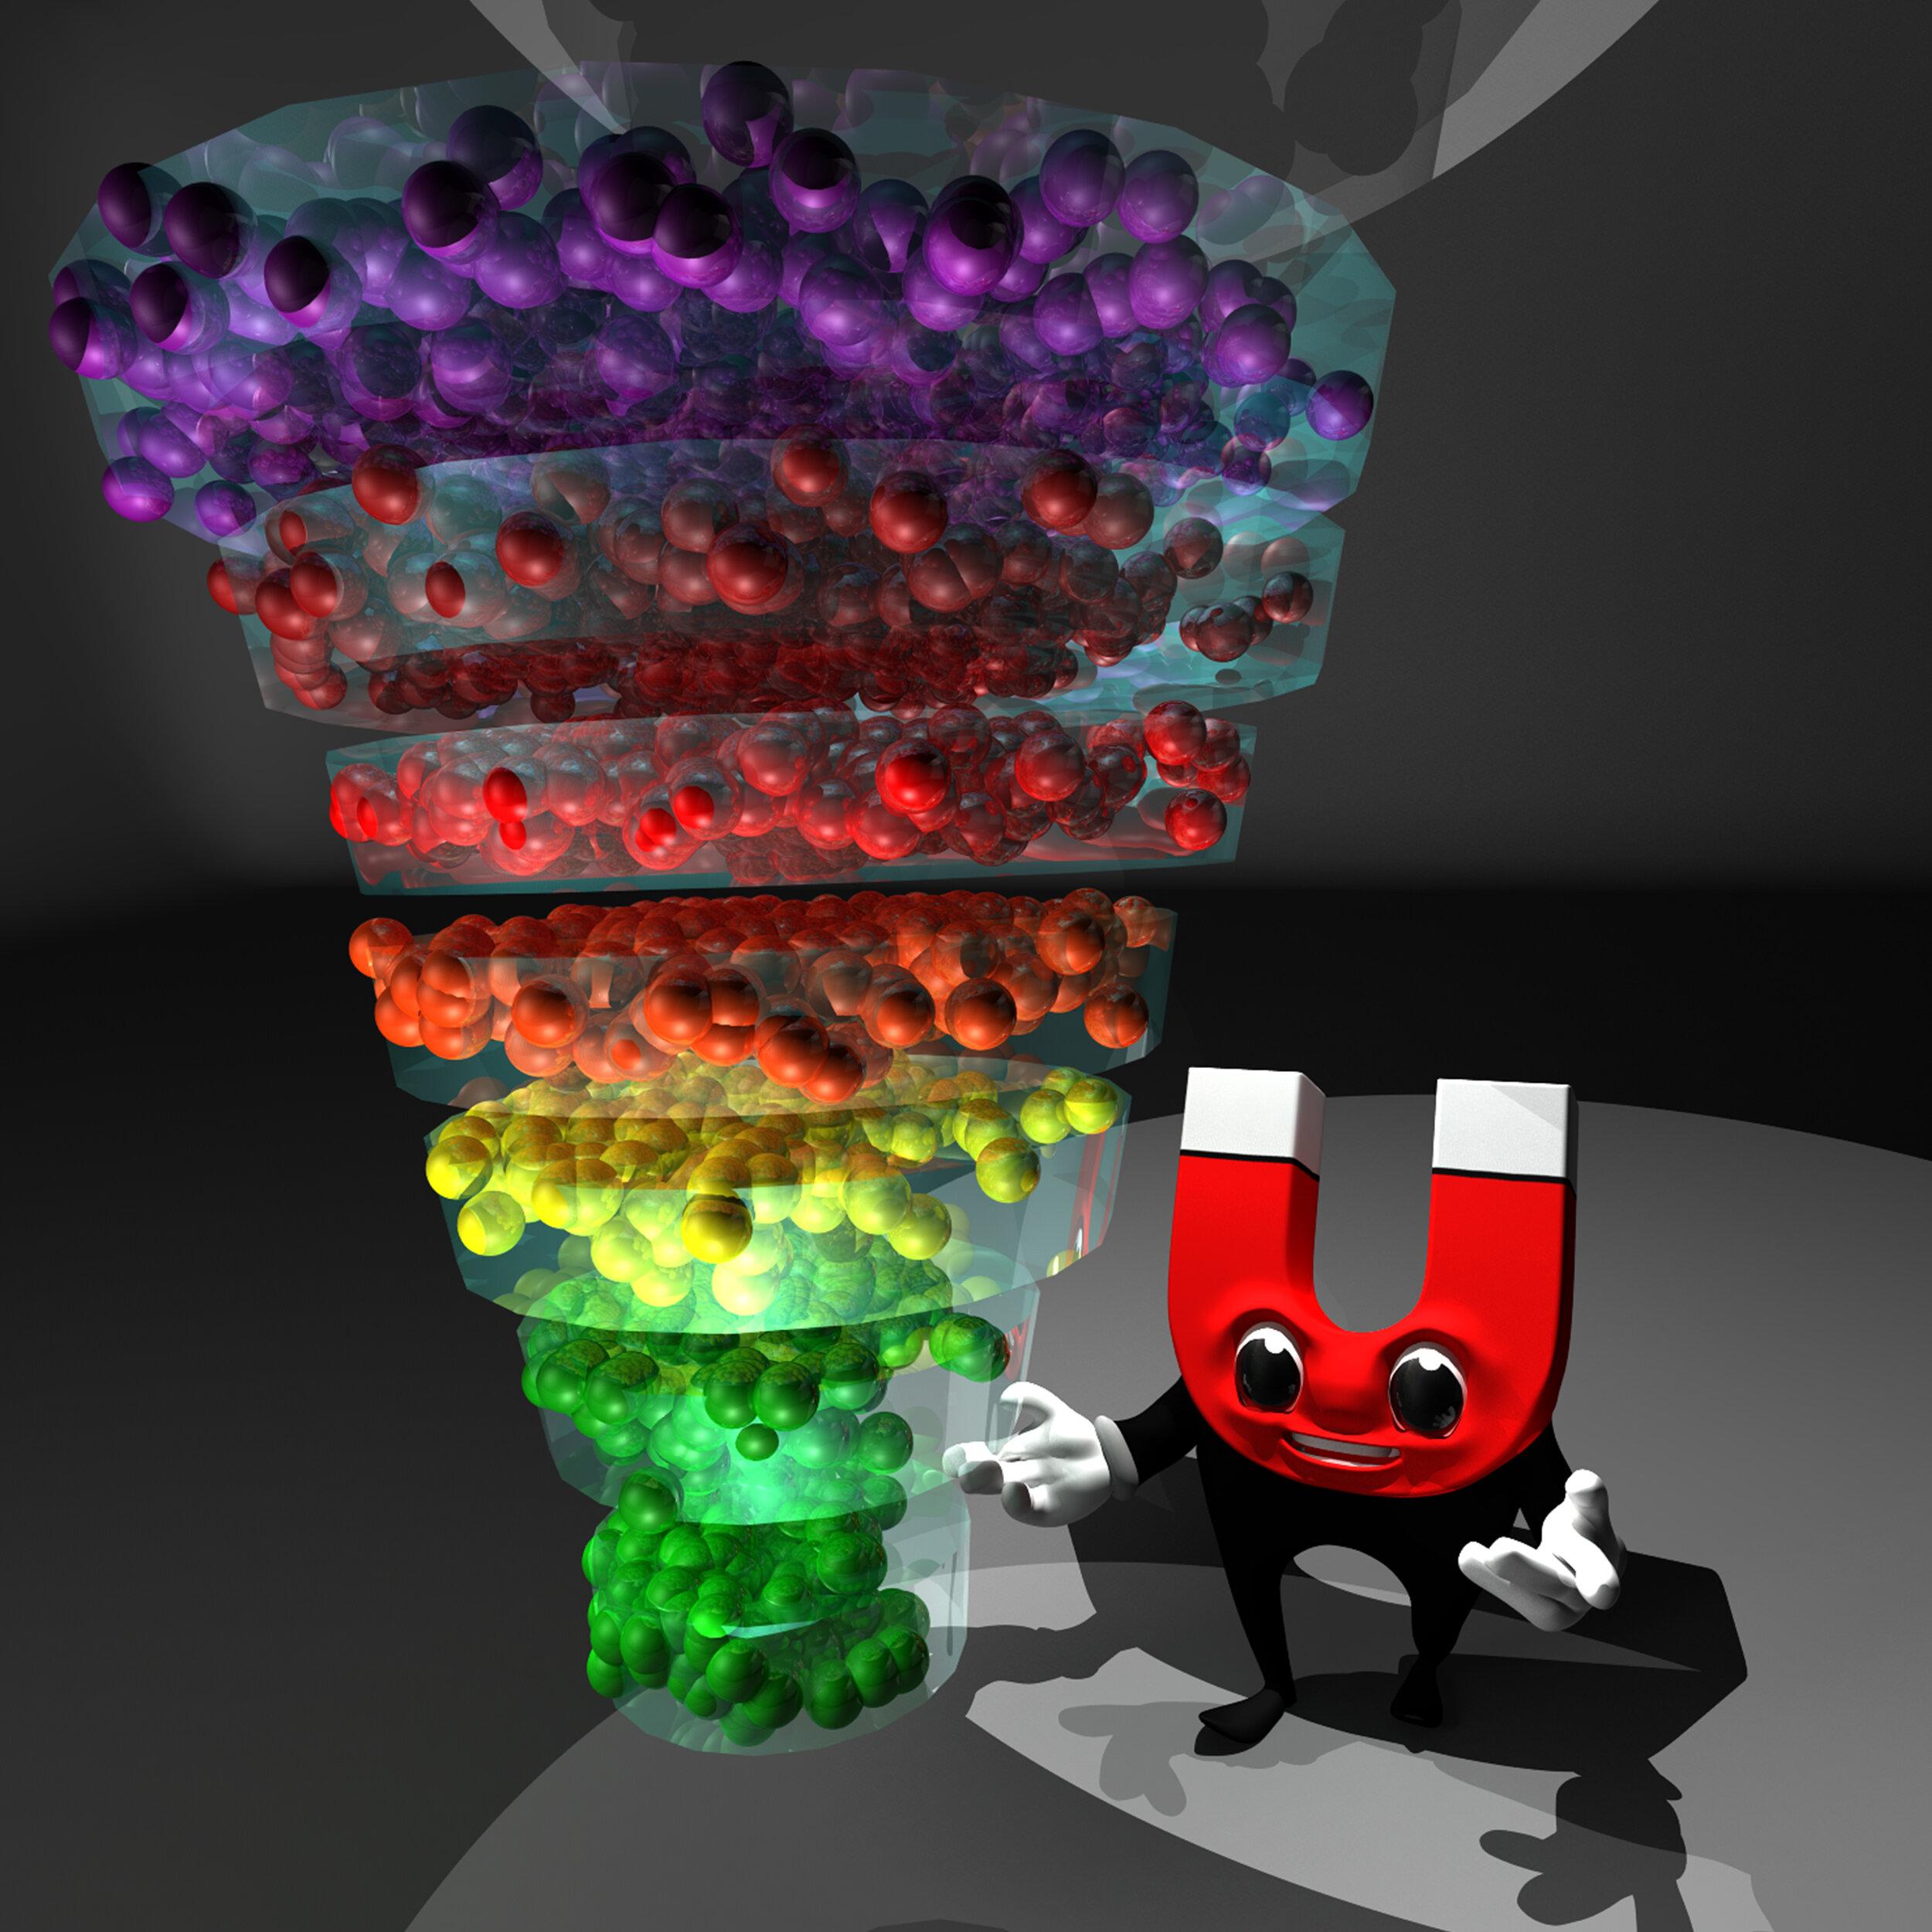 Marketing-Funnel-Big-Data-Big-Red-Magnet_.jpg